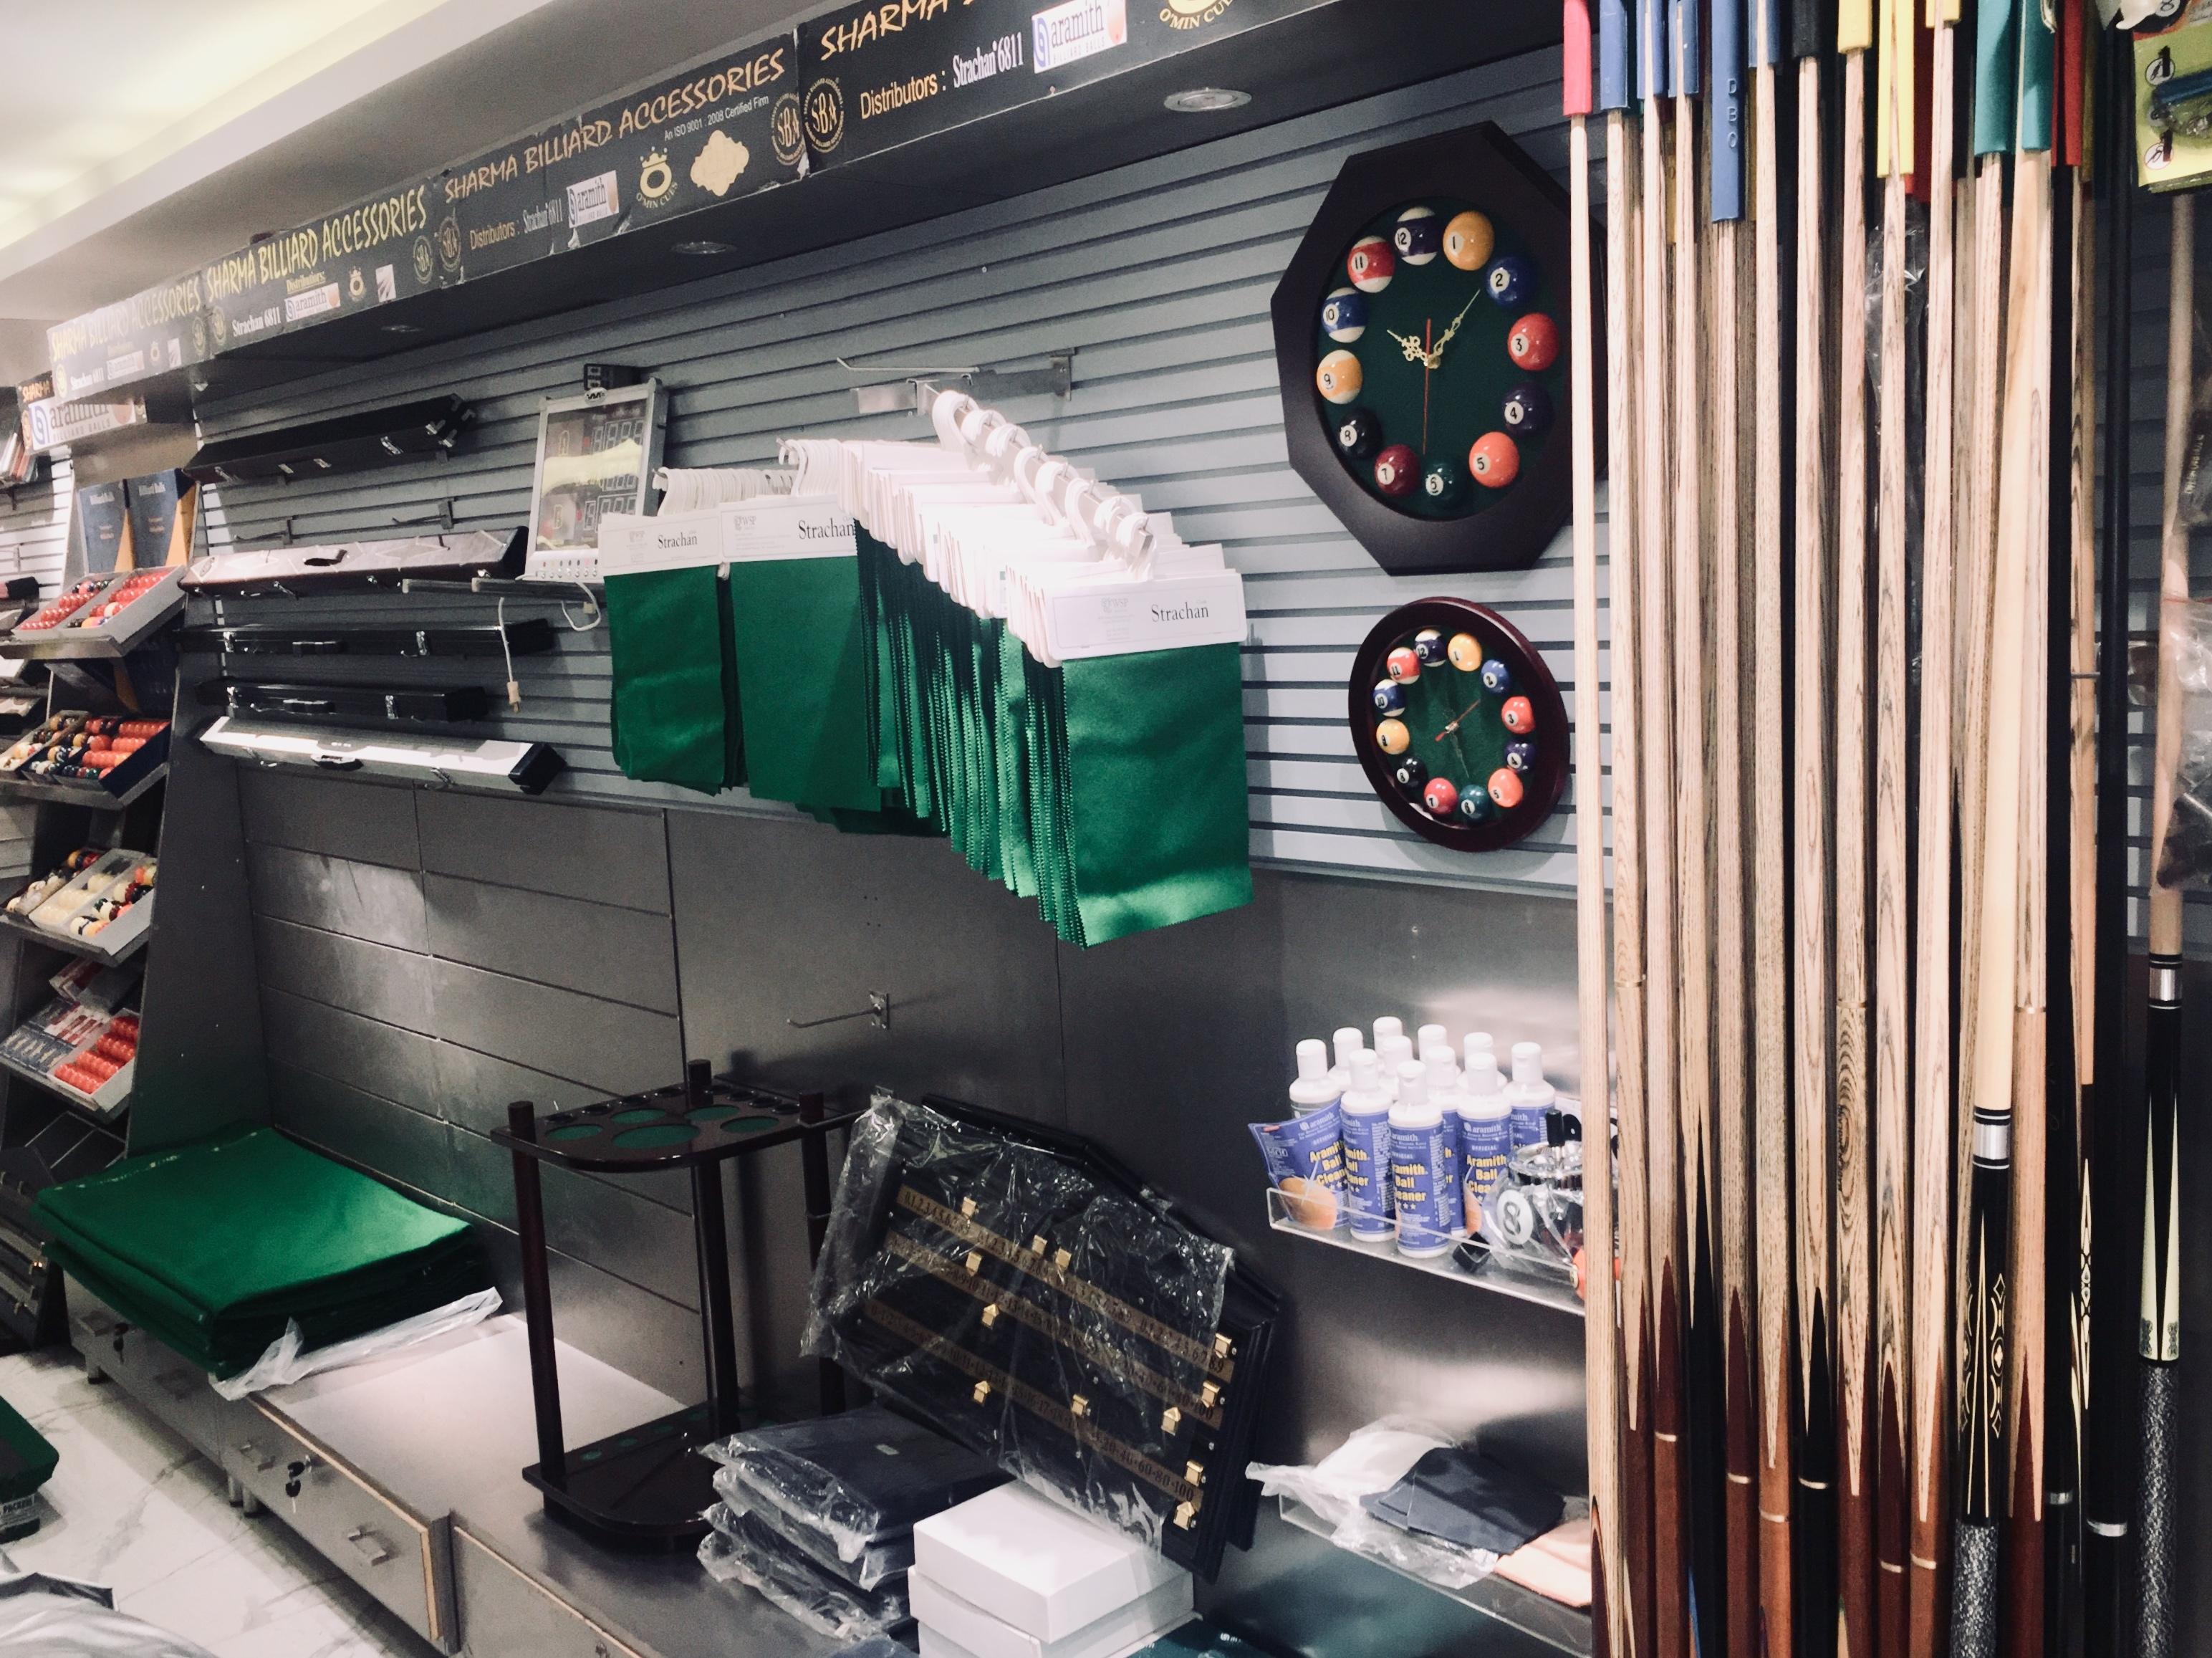 Billiard Room Accessories